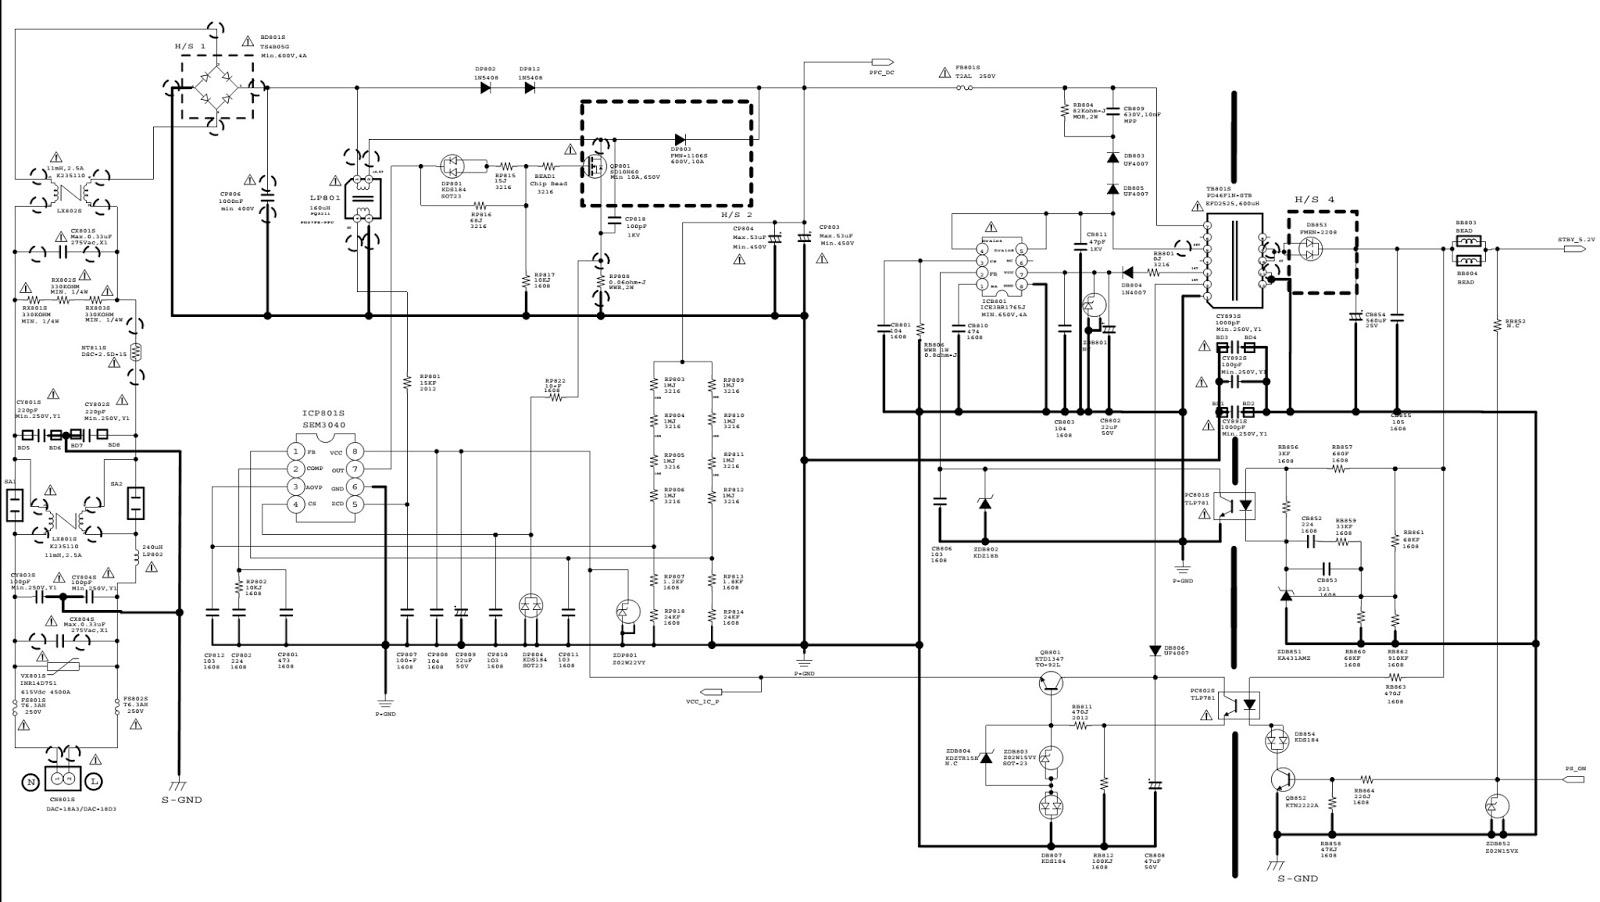 small resolution of samsung dlp schematics samsung 60 quot tv elsavadorla samsung washer wiring diagram samsung refrigerator schematic diagram